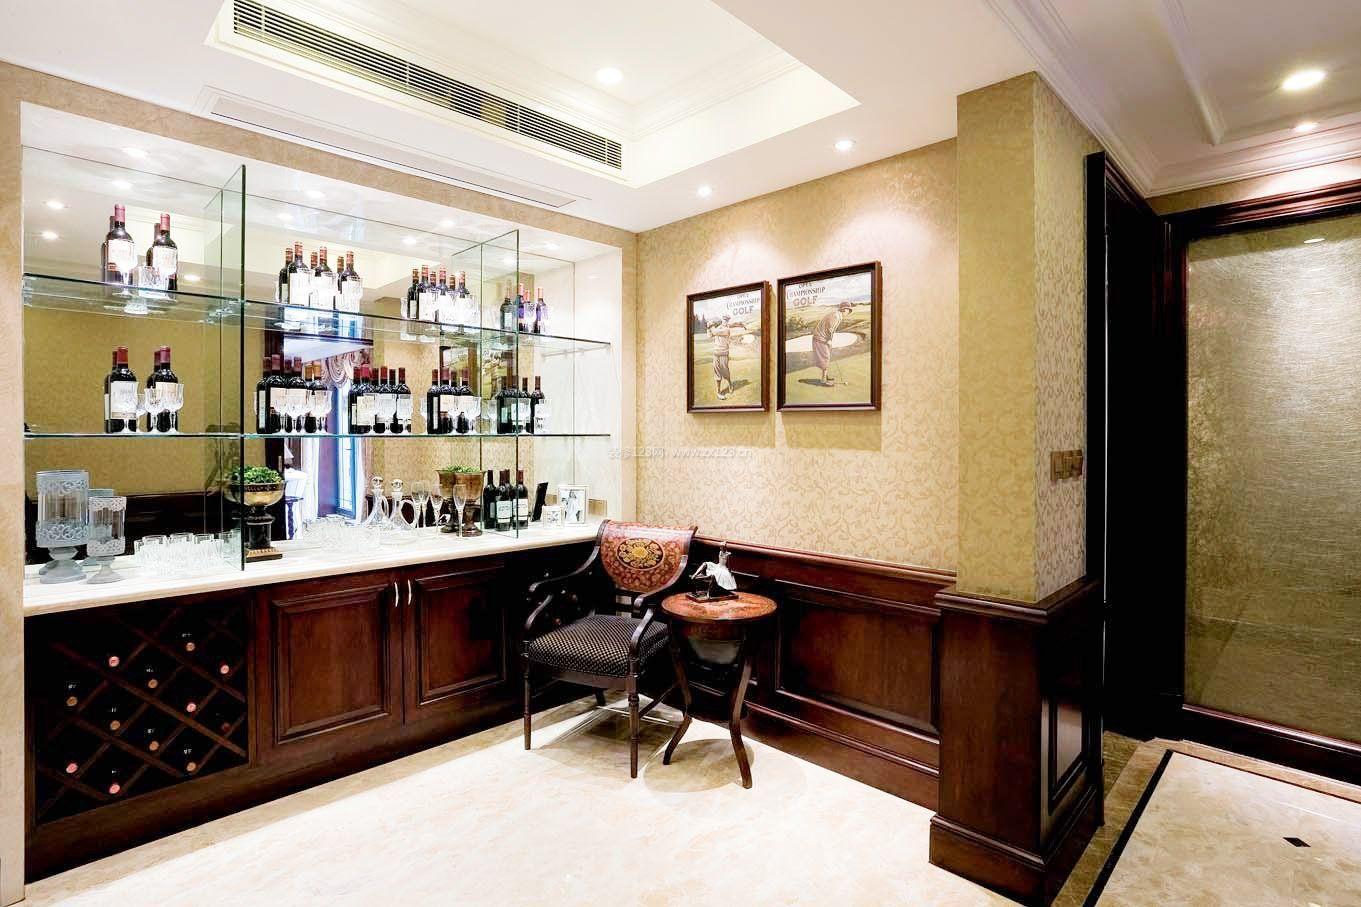 家庭室内红酒柜装修效果图片大全图片